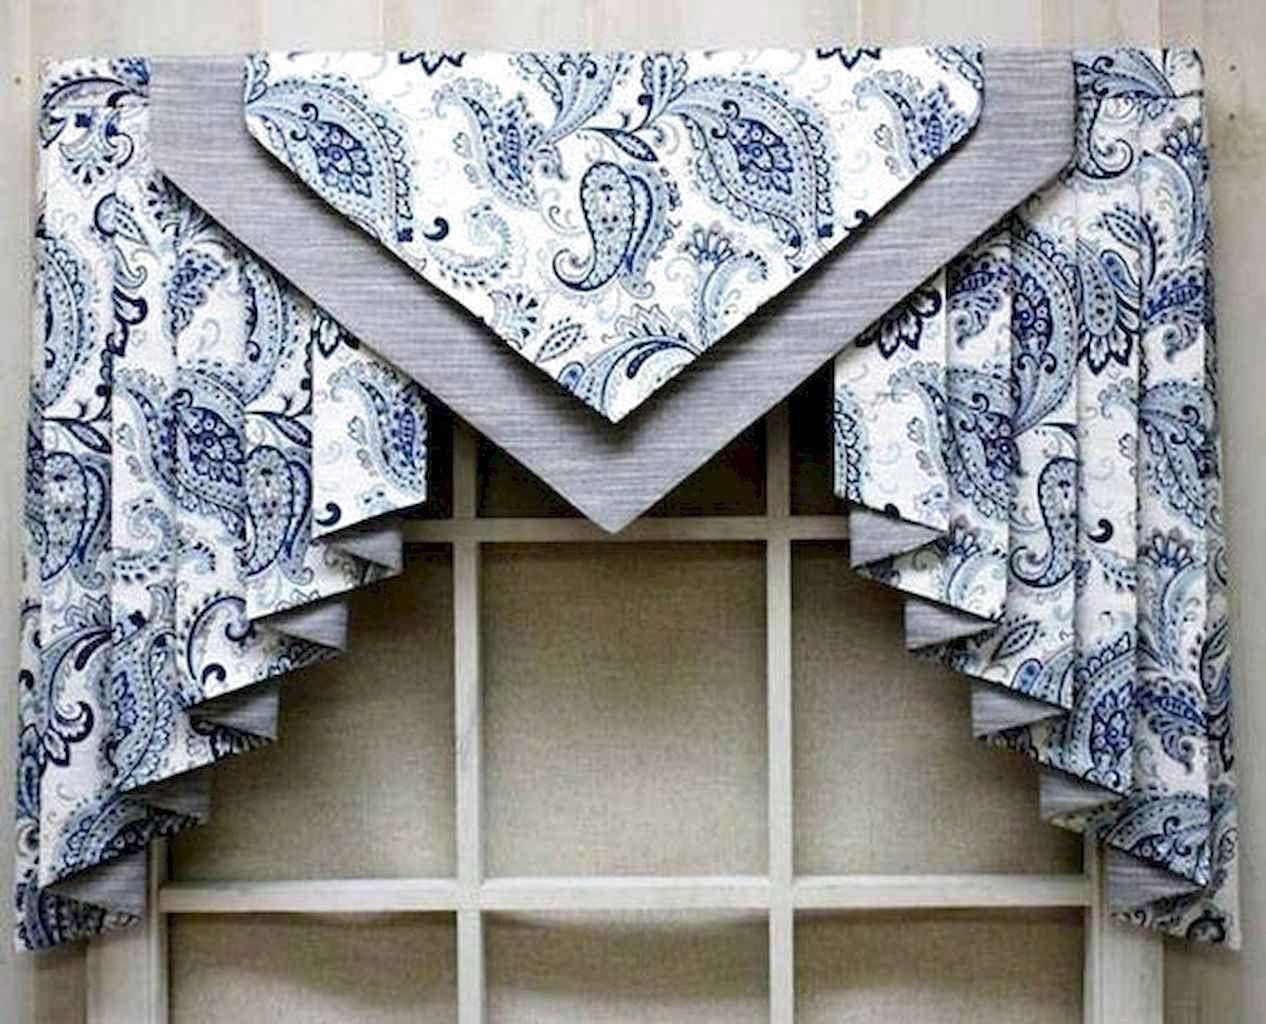 79 stunning kitchen backsplash decorating ideas and remodel farmhouse kitchen curtains on farmhouse kitchen valance ideas id=76757